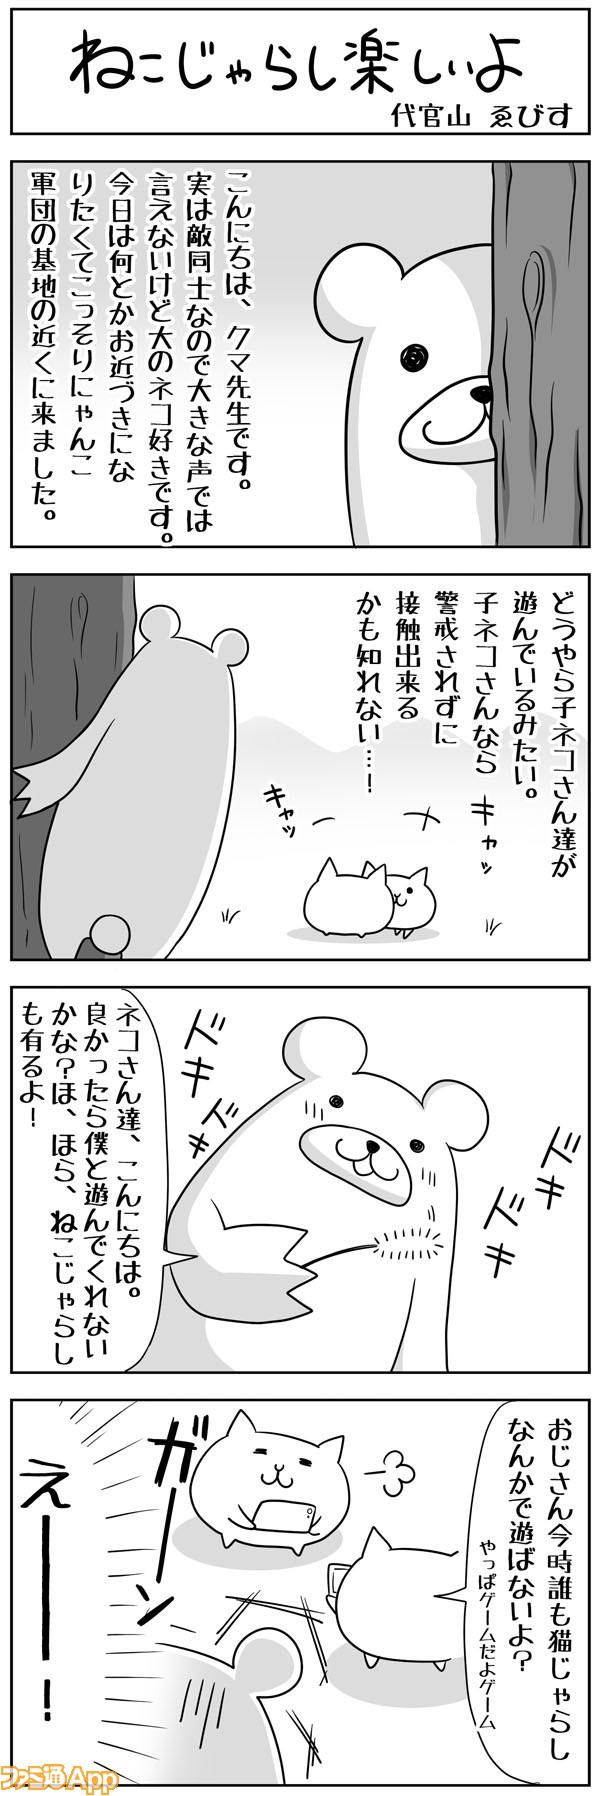 01daik_064